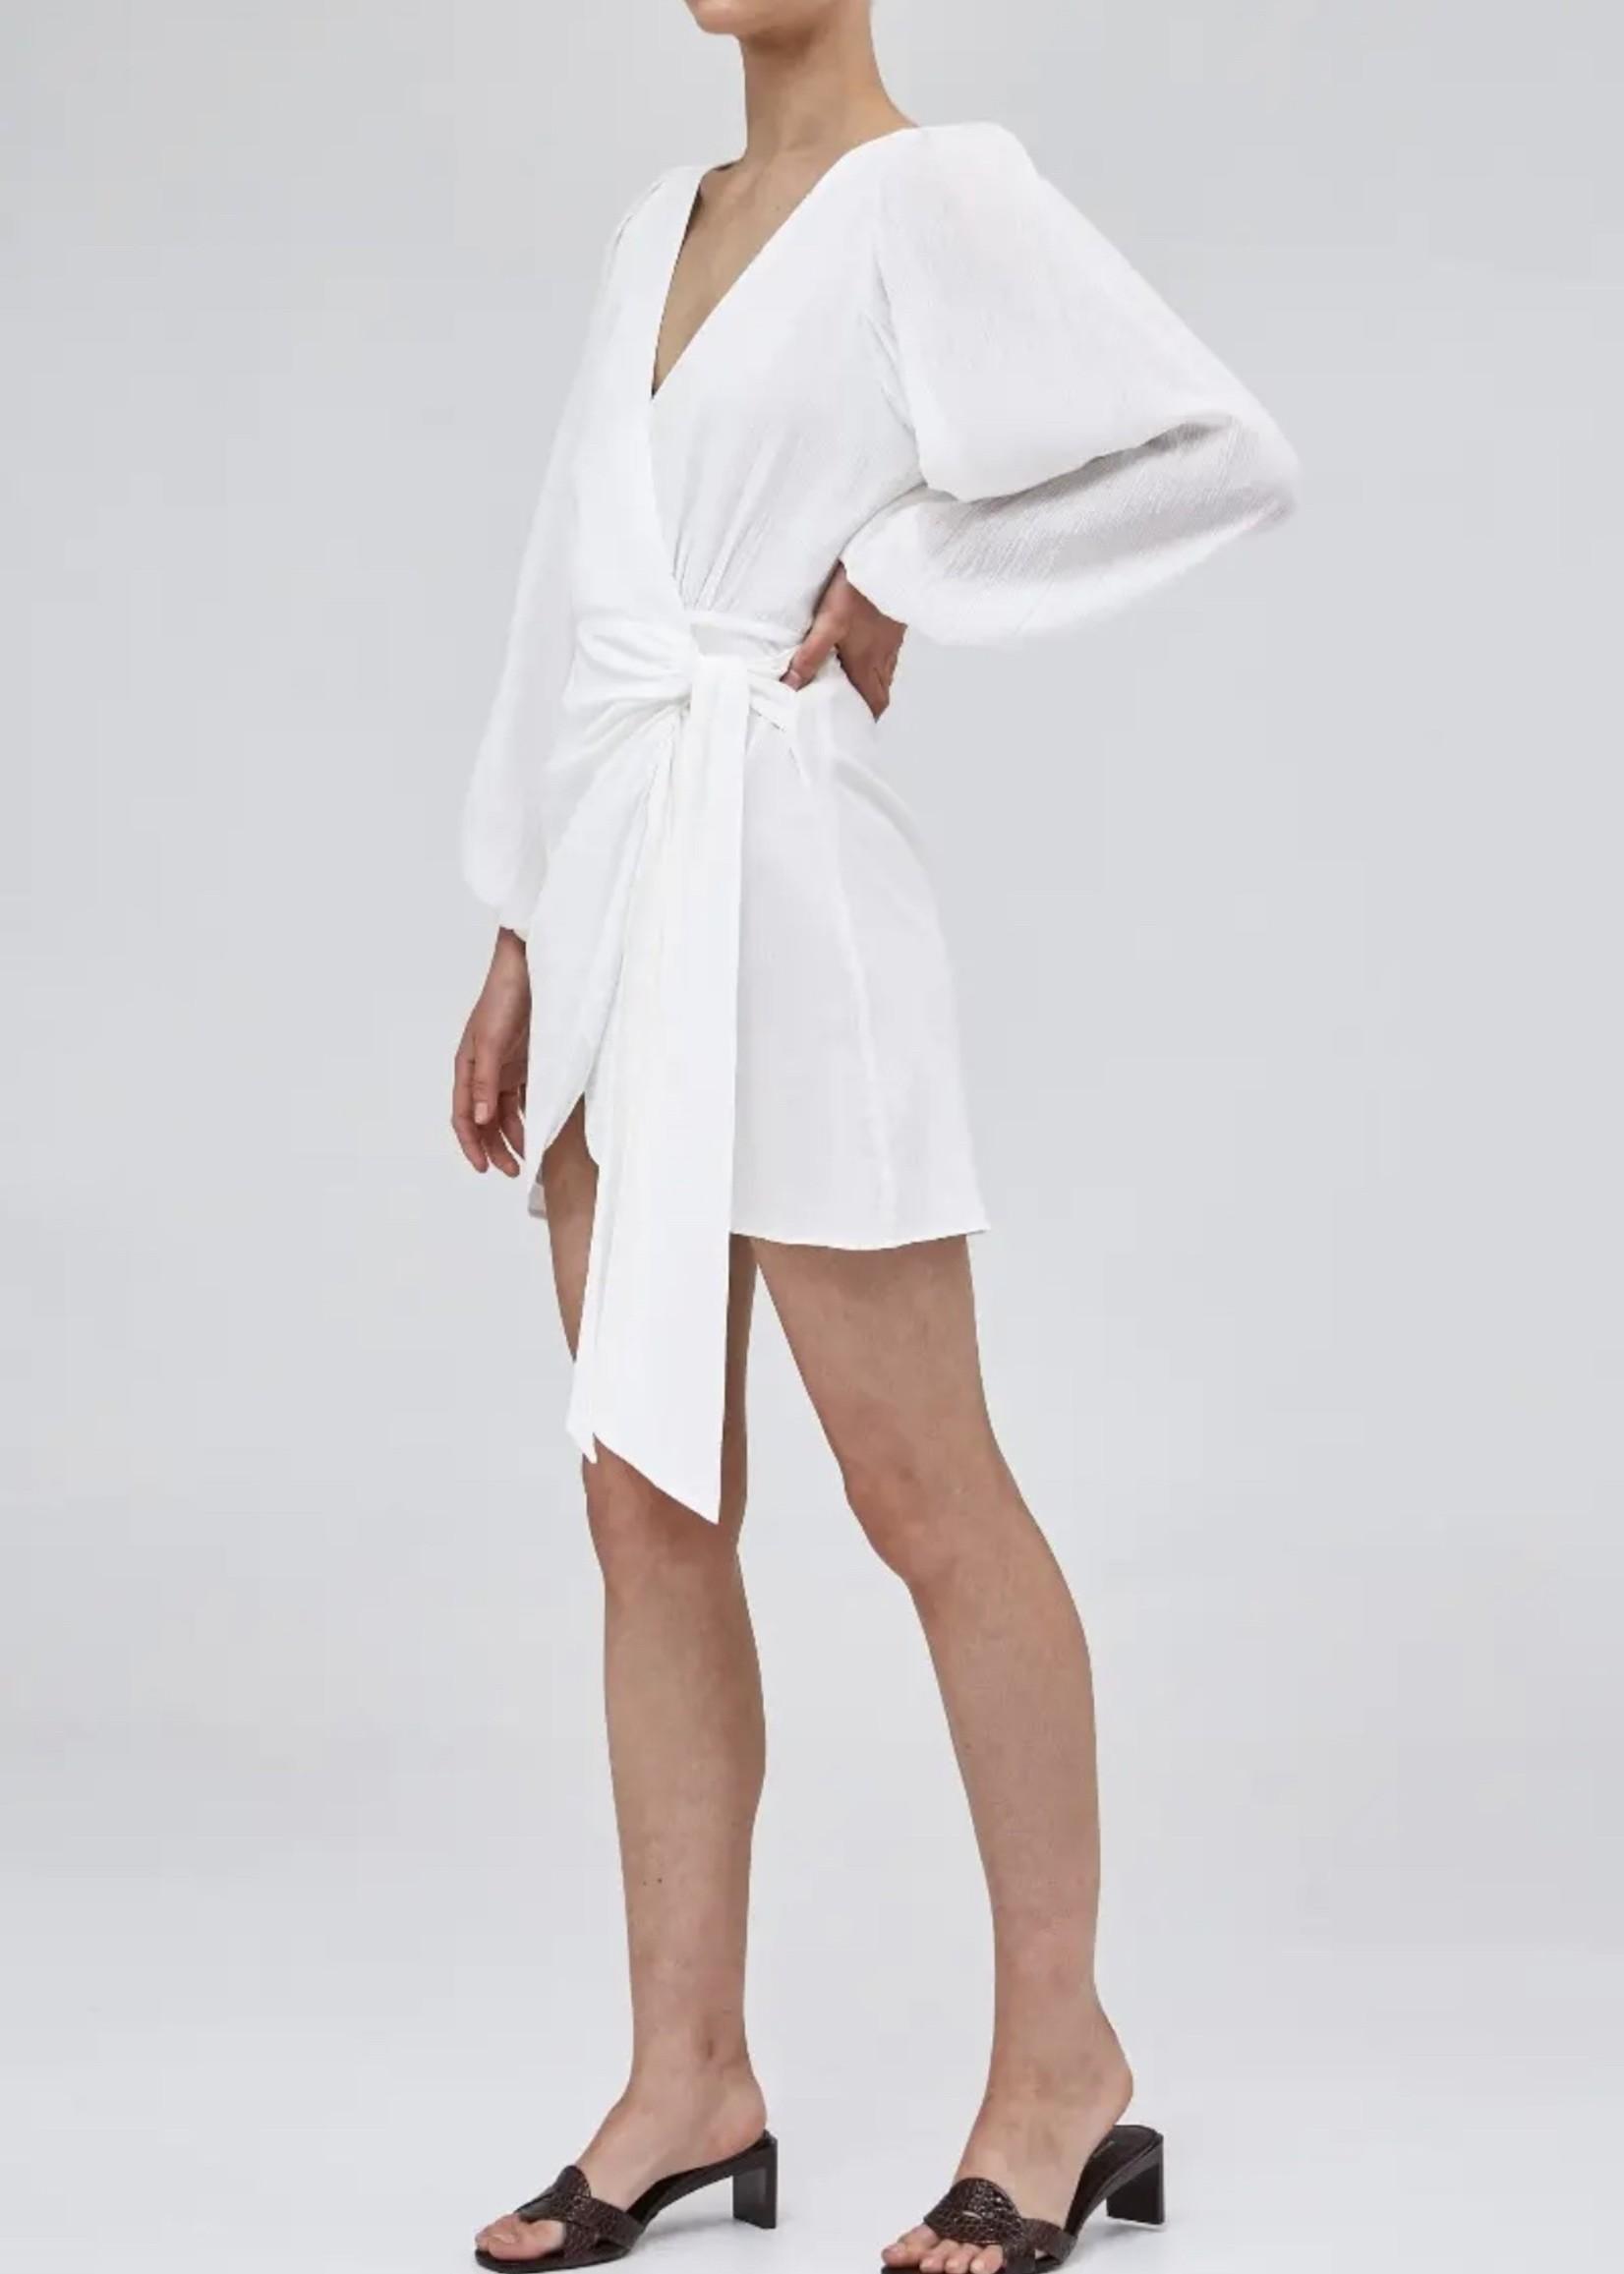 Elitaire Boutique Plume Ivory Dress